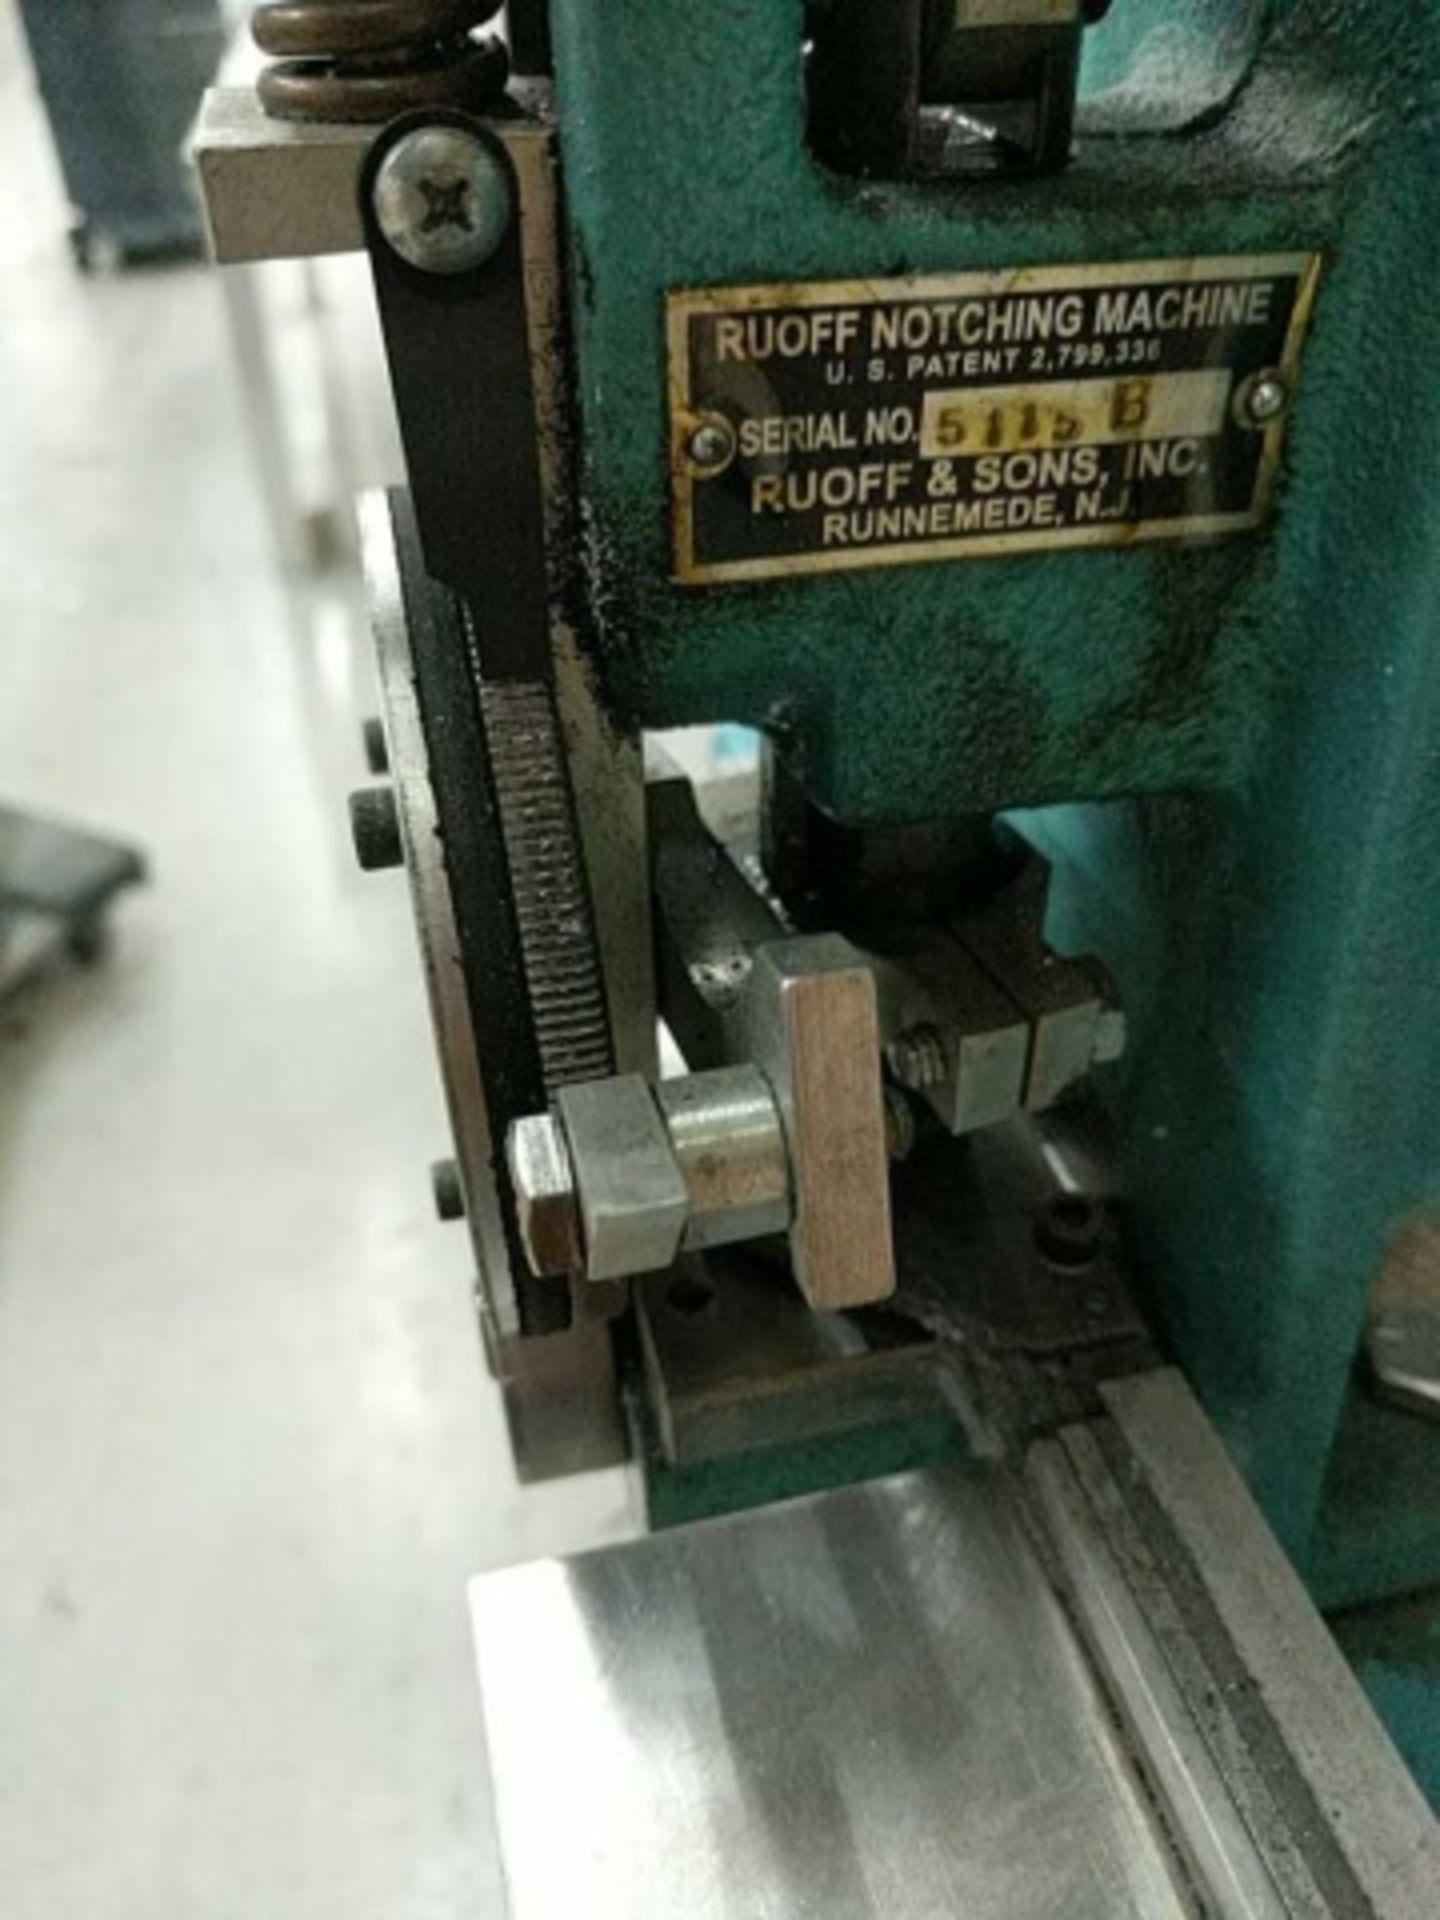 Ruoff Notching Machine - Image 4 of 6